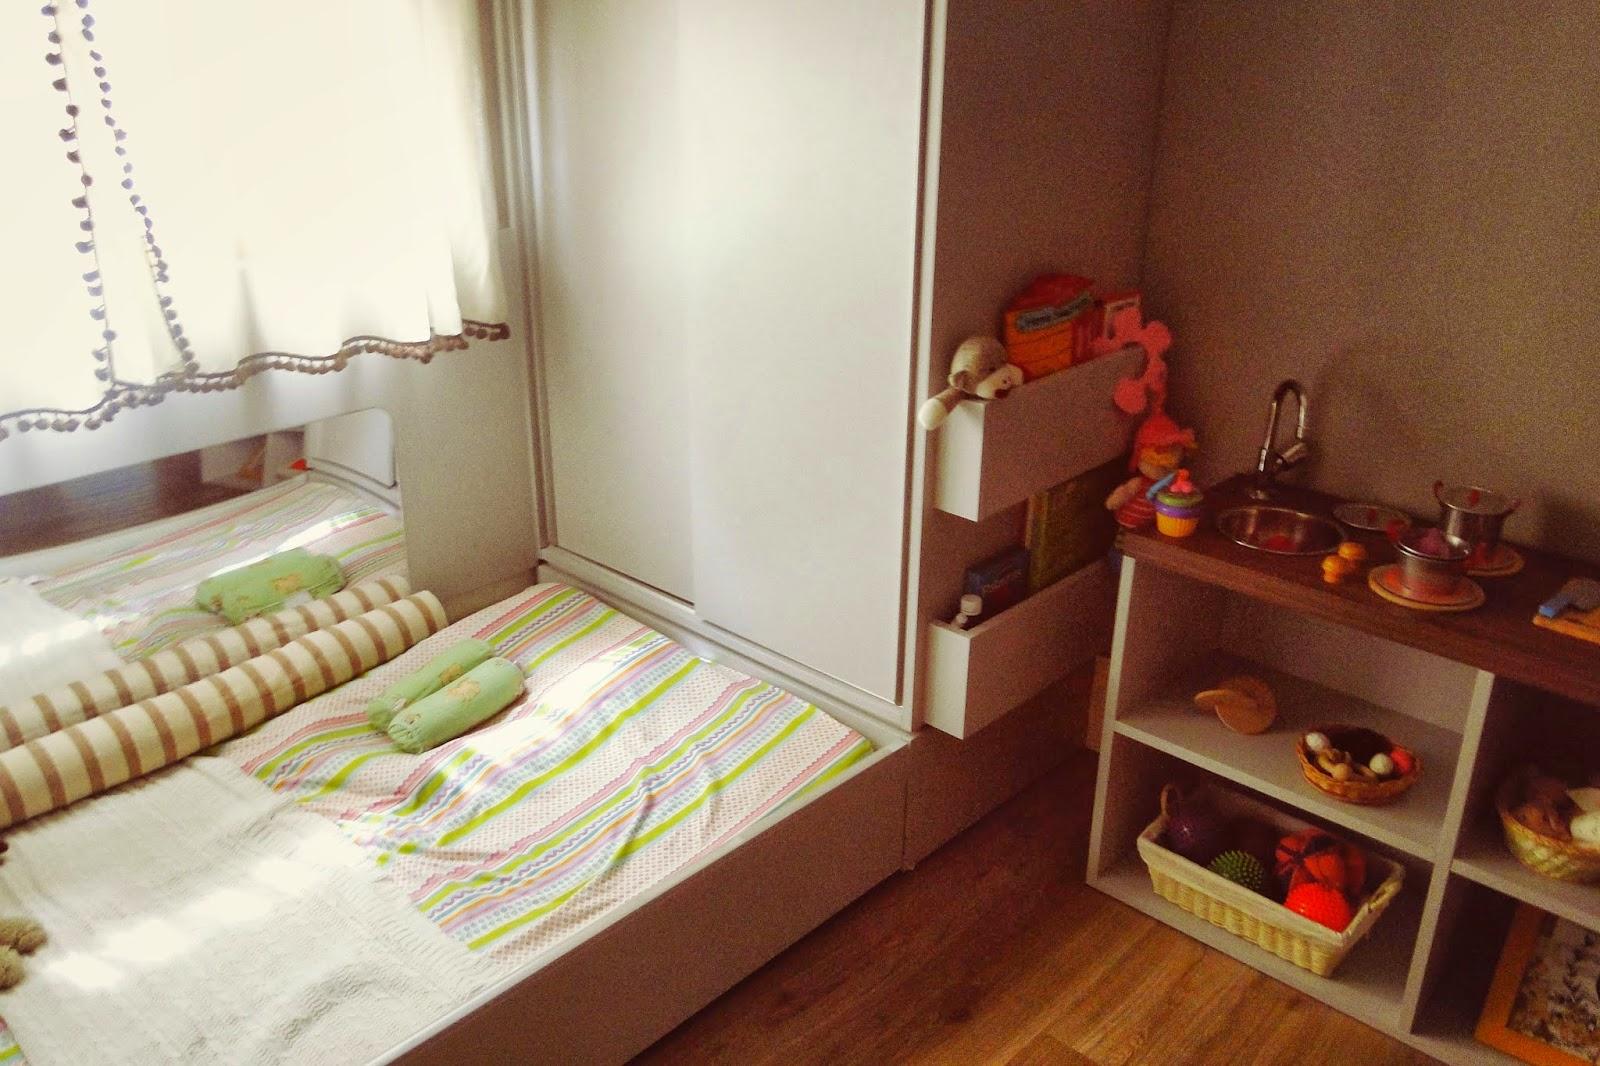 Quarto Montessori Para Recem Nascido Redival Com ~ Quarto Montessoriano Recem Nascido